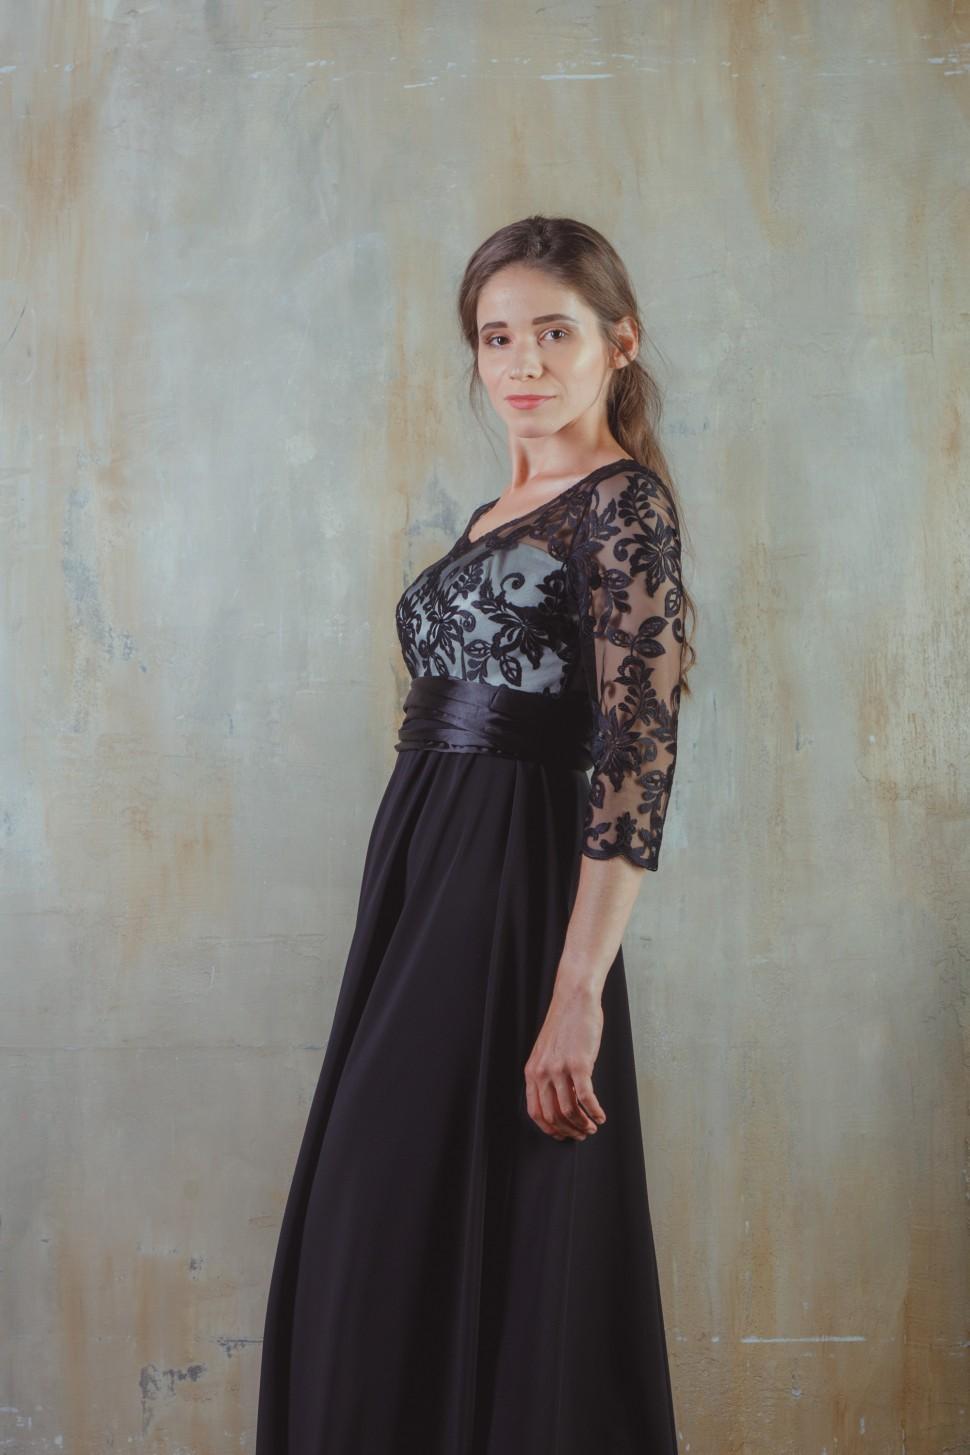 43fddd3f38d Купить вечернее платье с завышенной талией и кружевом, чёрное в ...